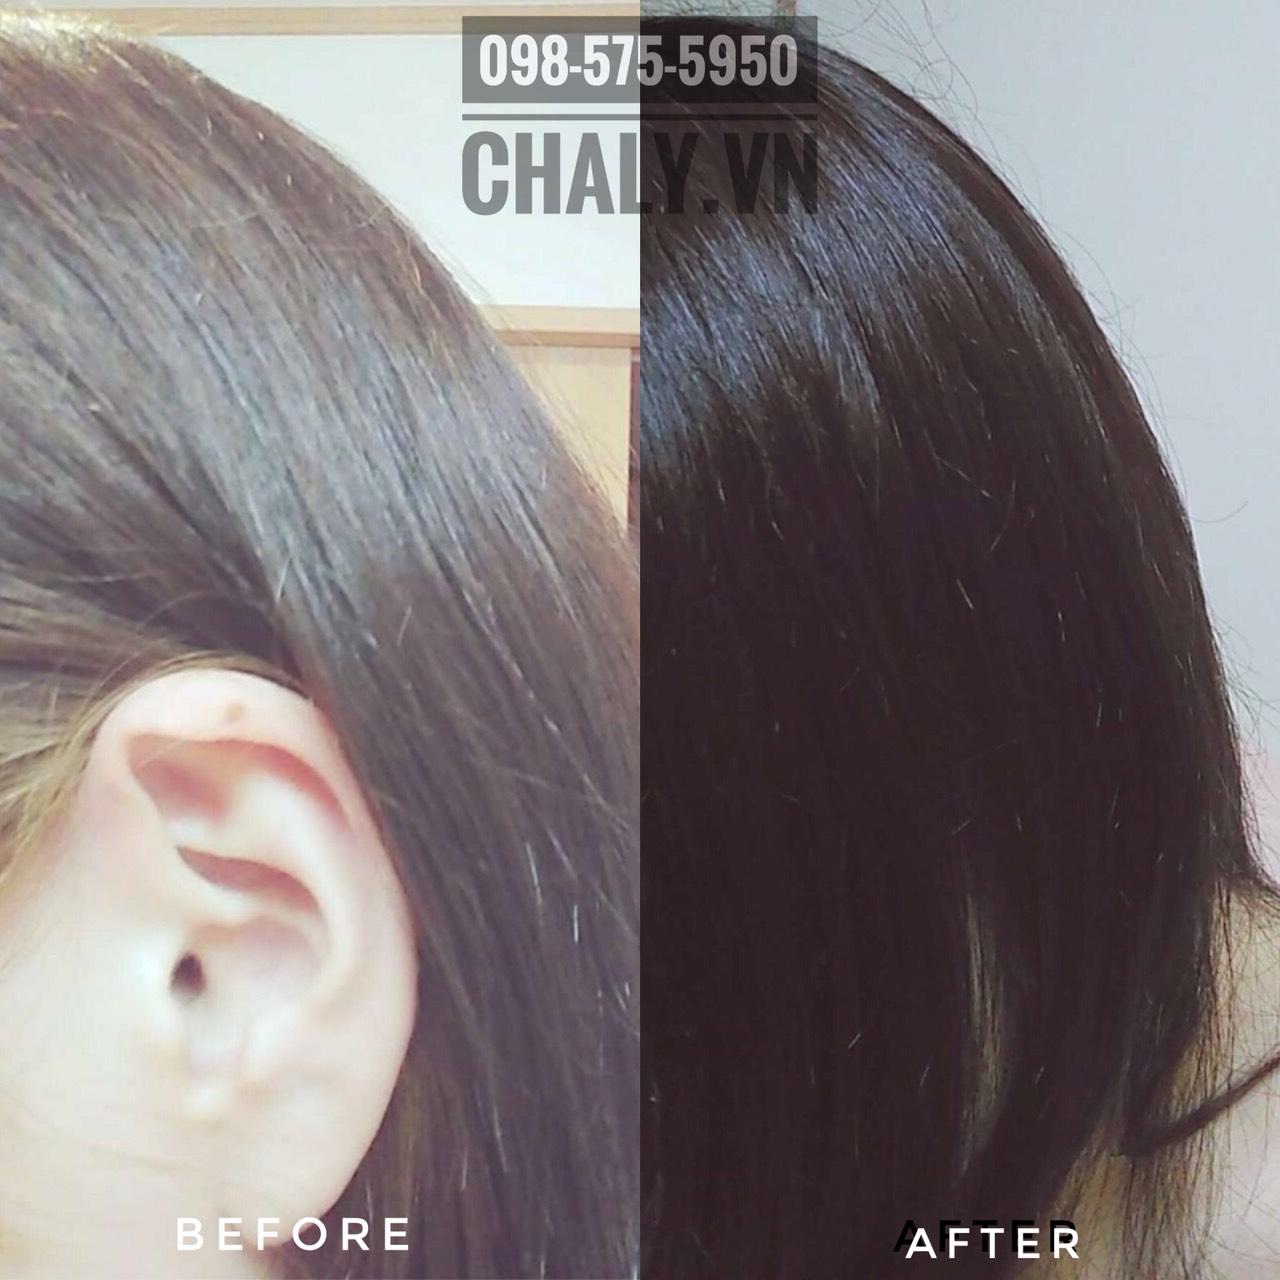 Hình ảnh thực tế mình đã tẩy màu tóc nhuộm vàng với bọt tẩy tóc Kao Liese của Nhật